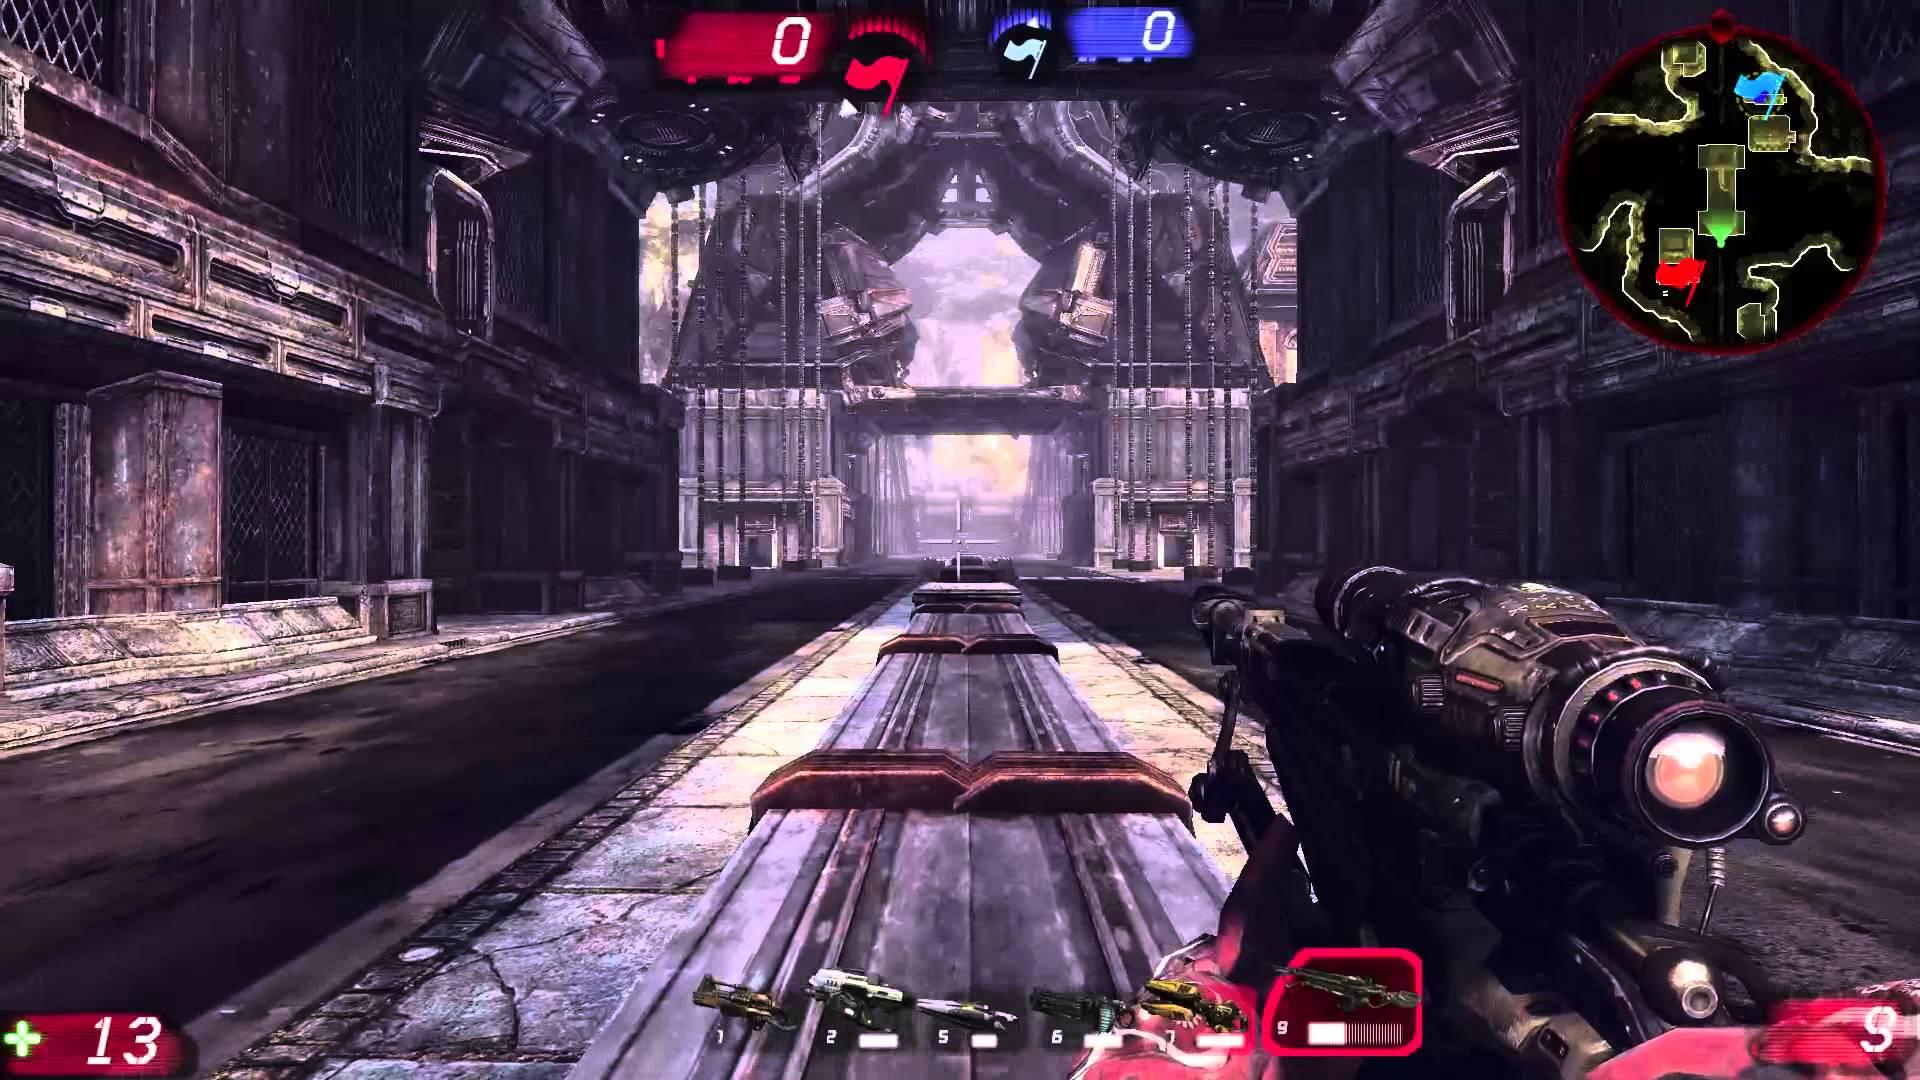 Unreal Tournament 3 Ekran Görüntüsü - Gezginler